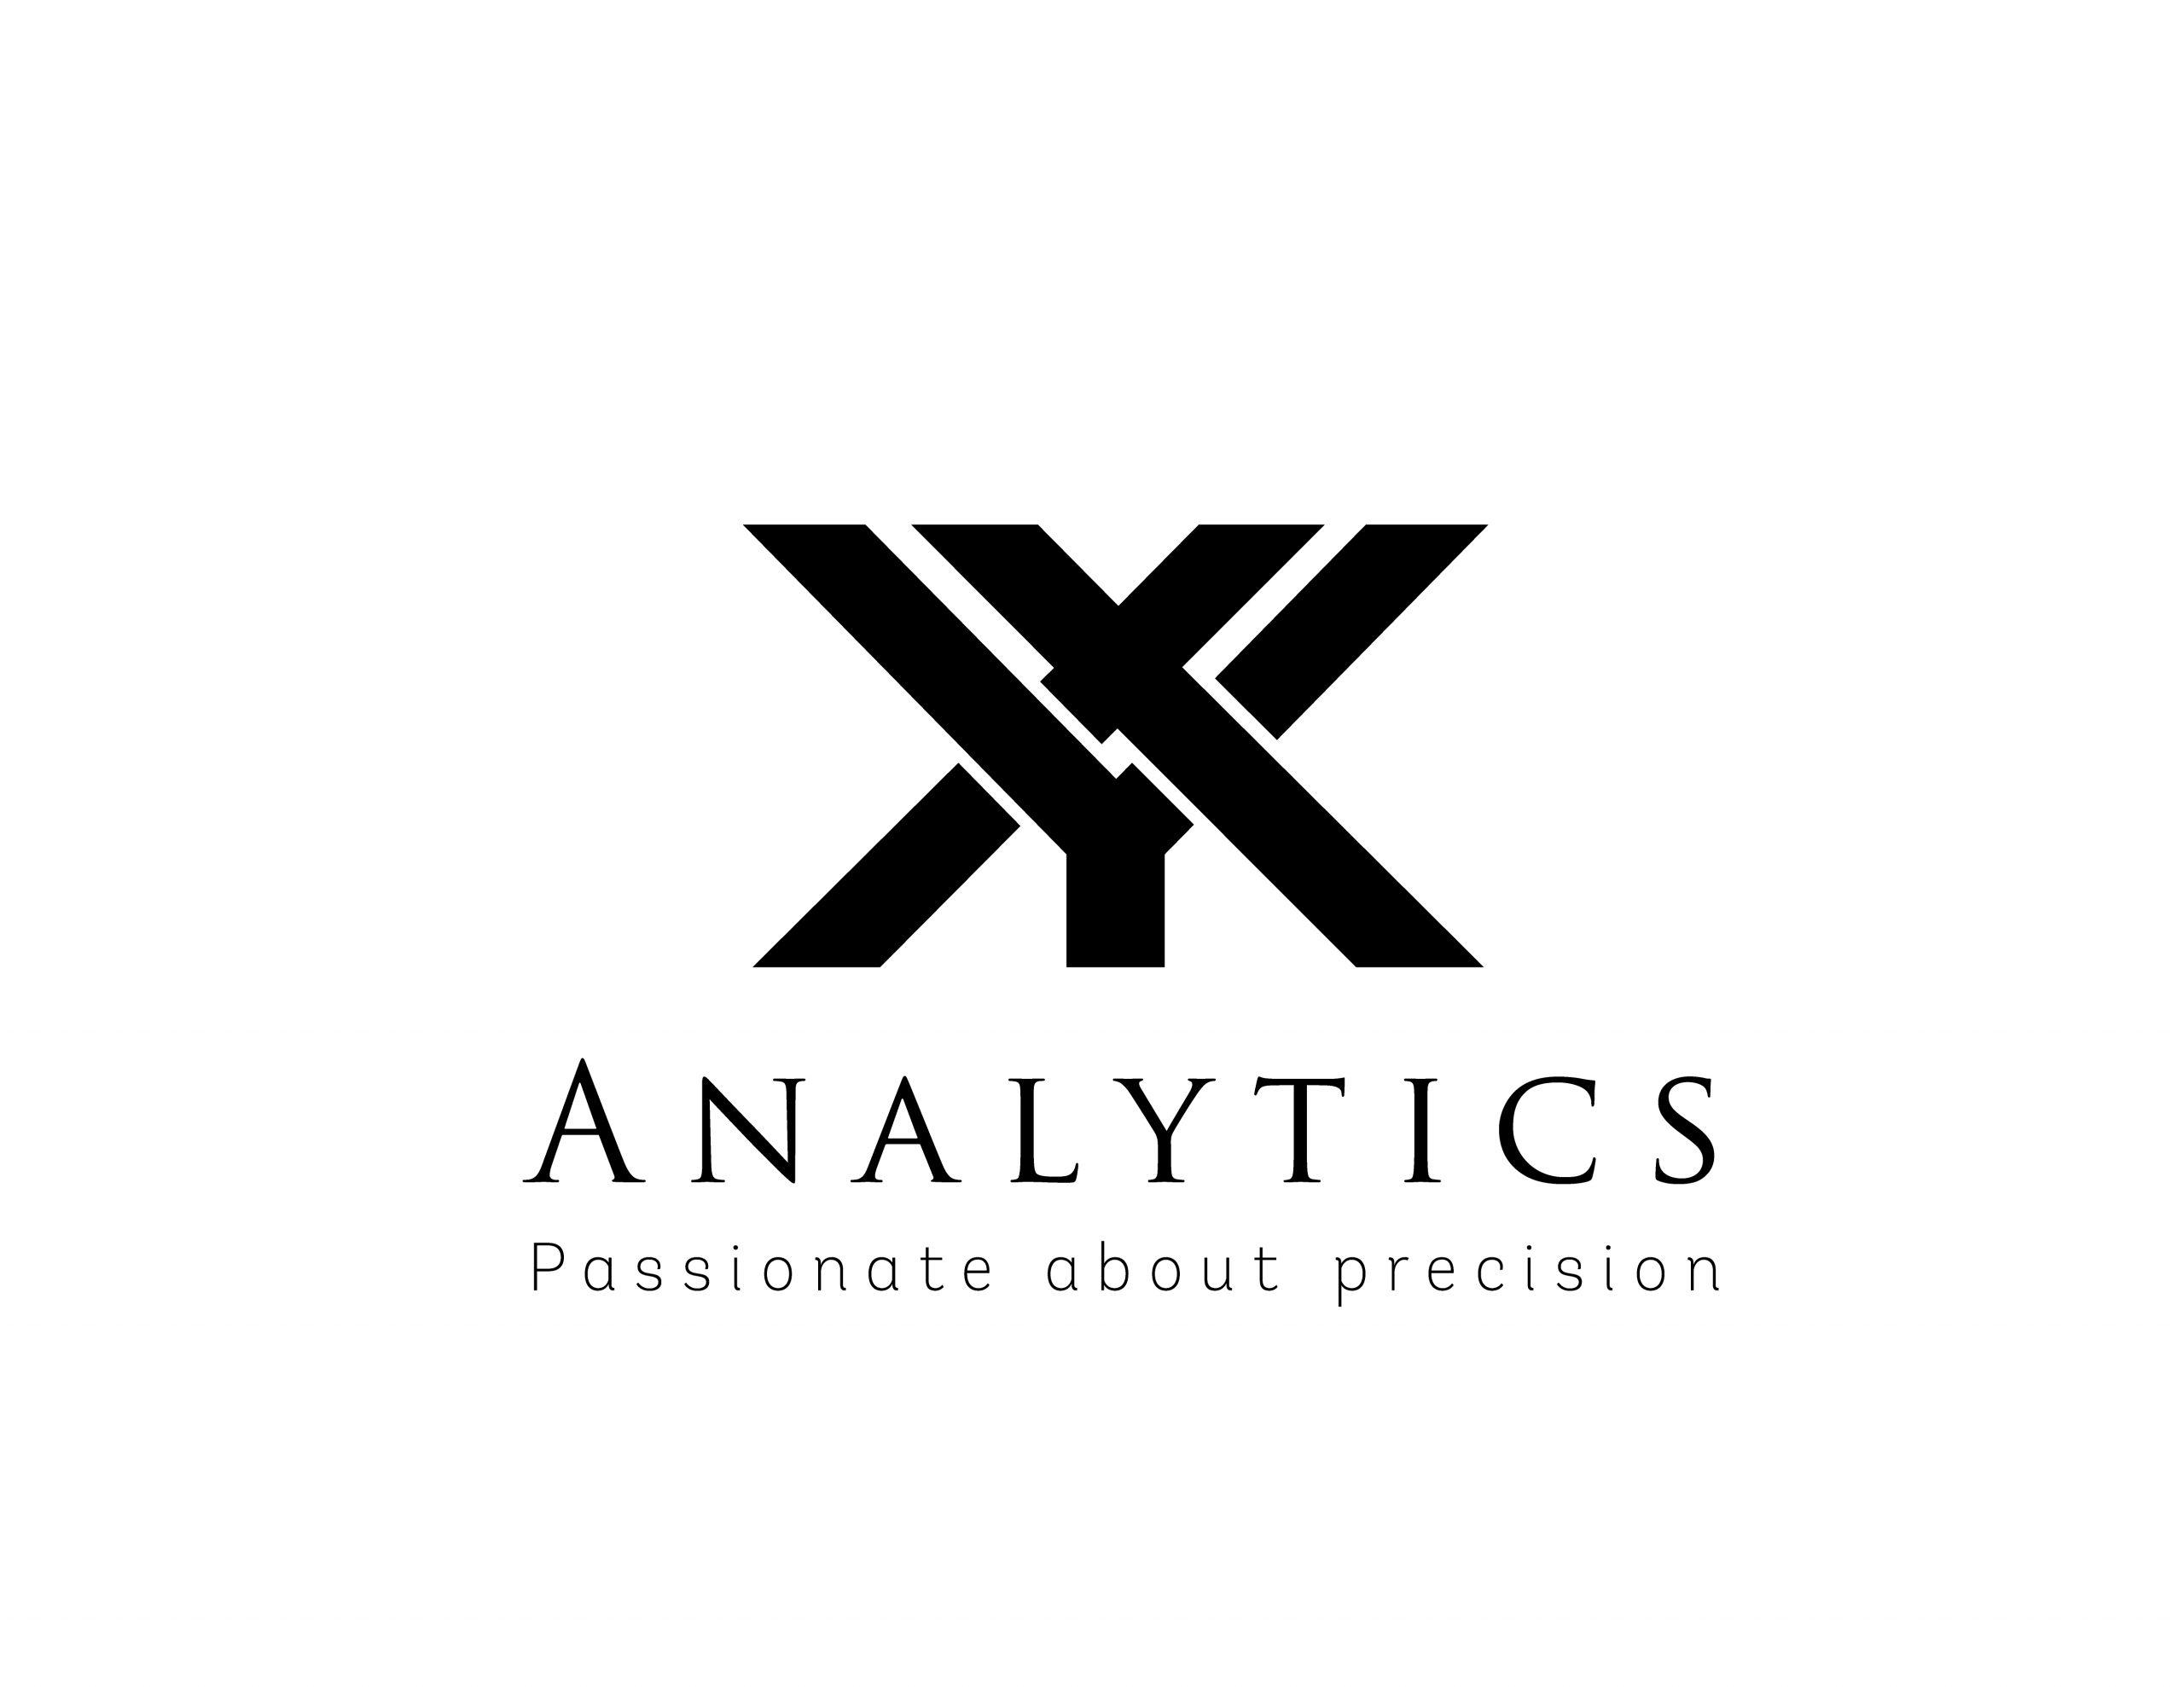 XY Analytics